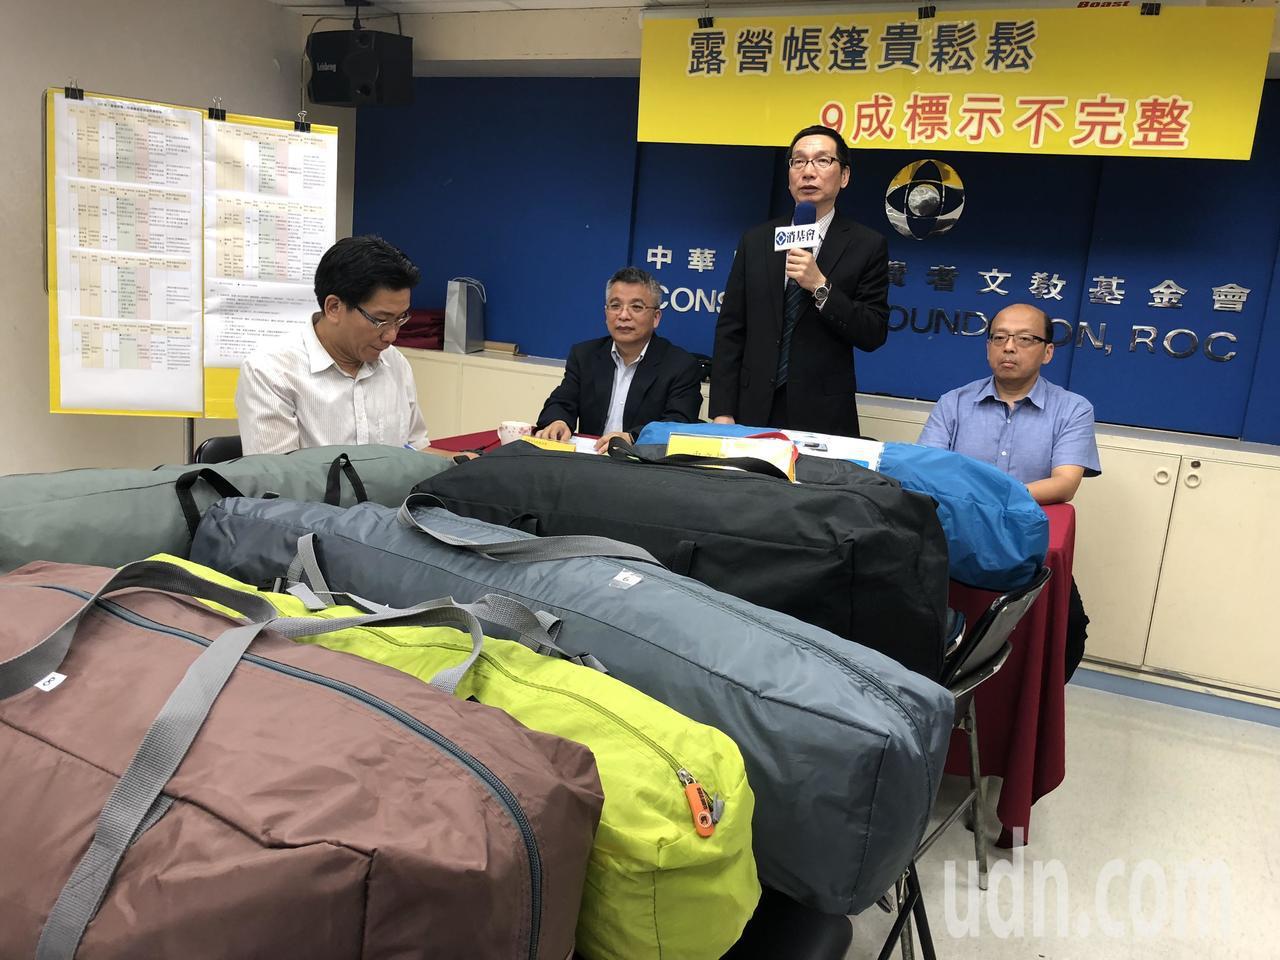 消基會抽查發現,露營帳篷從上千元到上萬元通通有,價格落差大,但有9成的帳篷中文標...